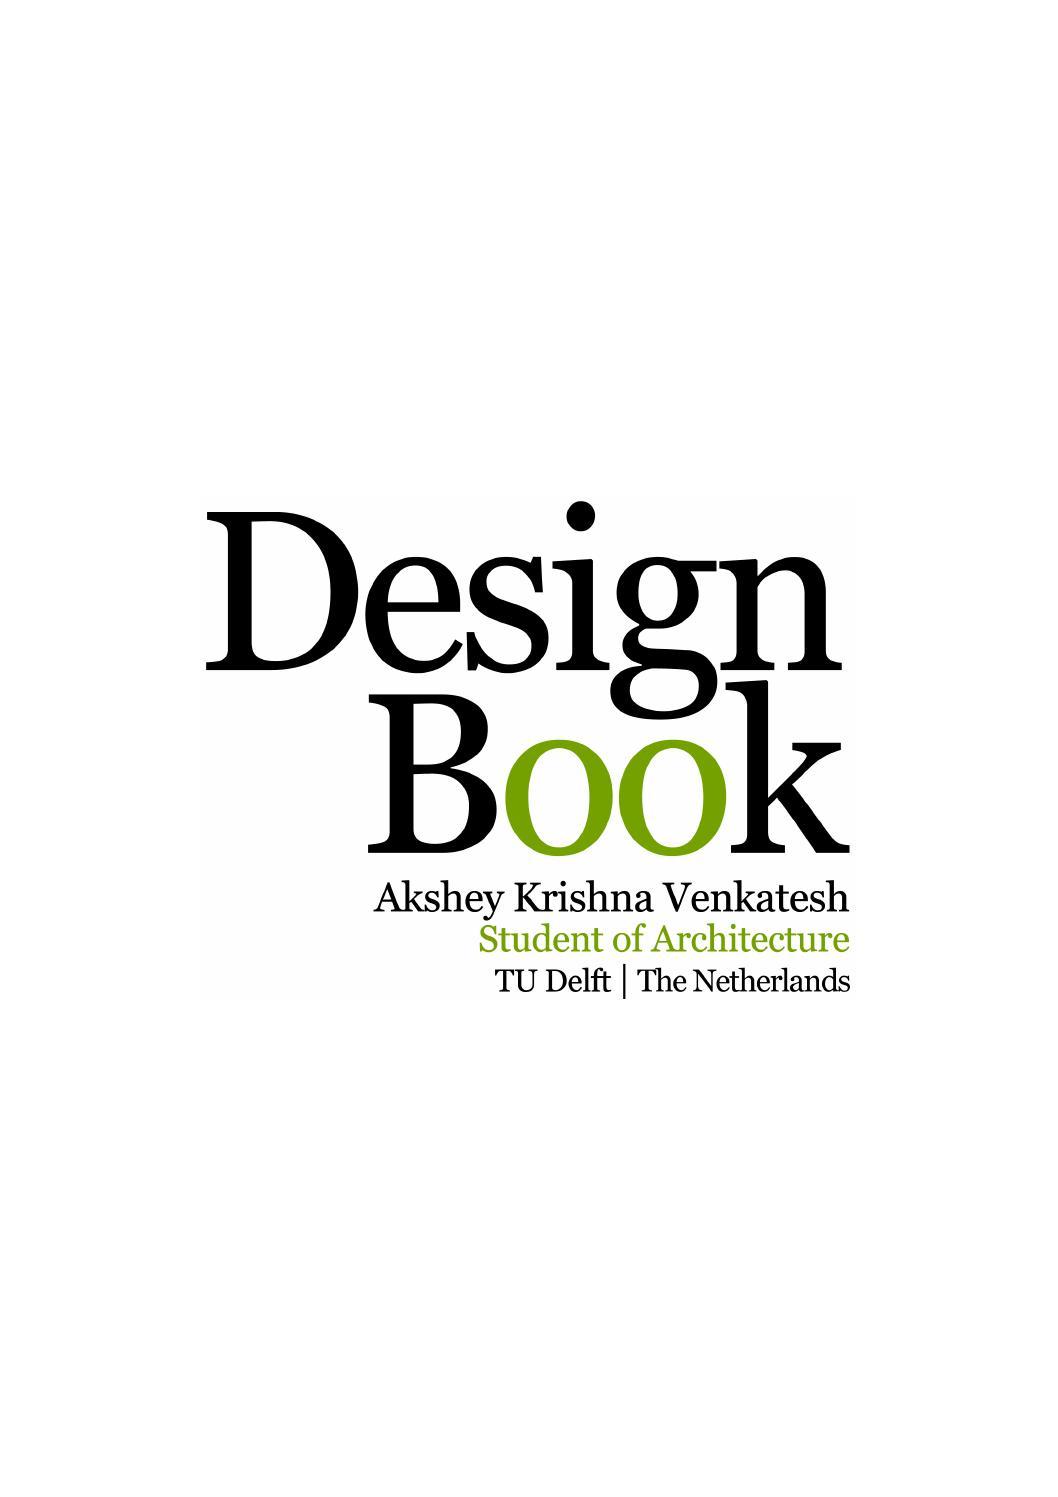 architecture portfolio of akshey krishna venkatesh by